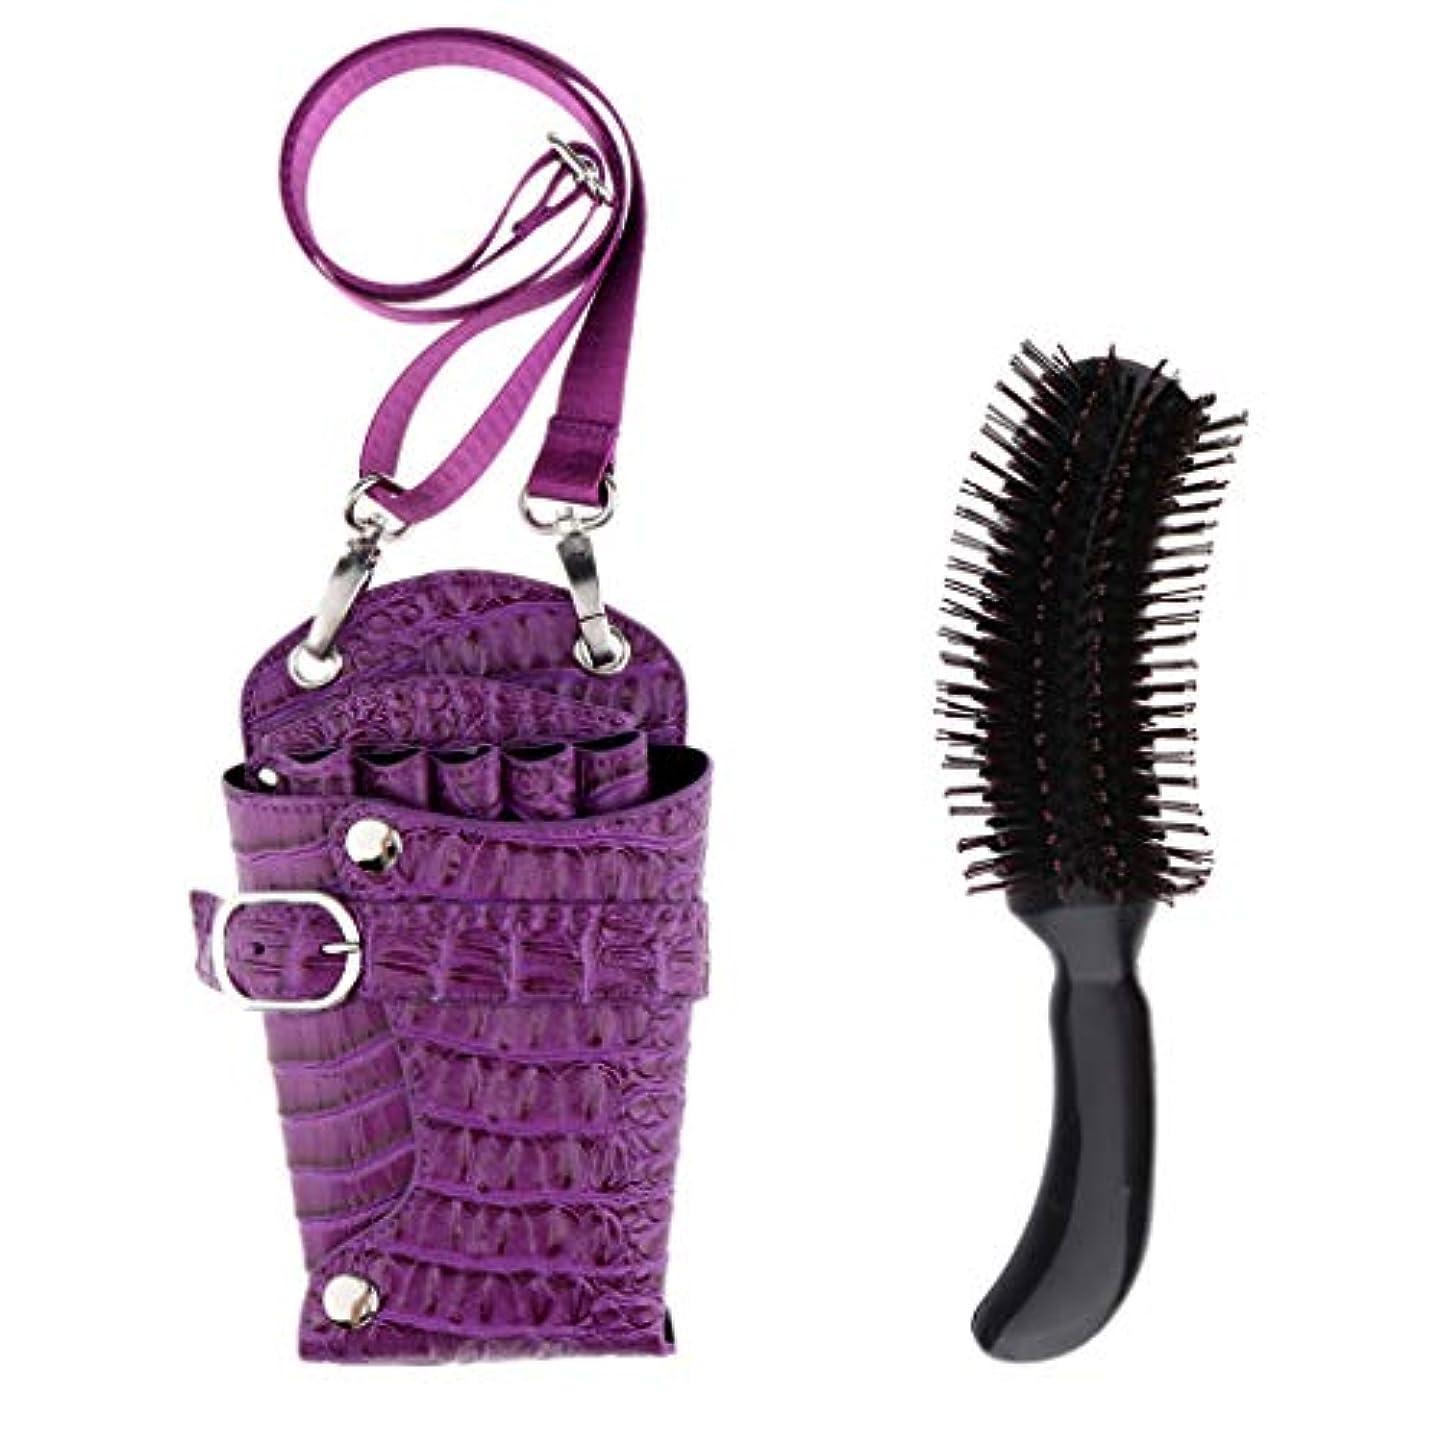 くちばし寝室を掃除する理容師CUTICATE デタングルスタイリングブロー乾燥ヘアブラシでPU長い理髪はさみヘアカットツールポーチホルスター鋏コムケース